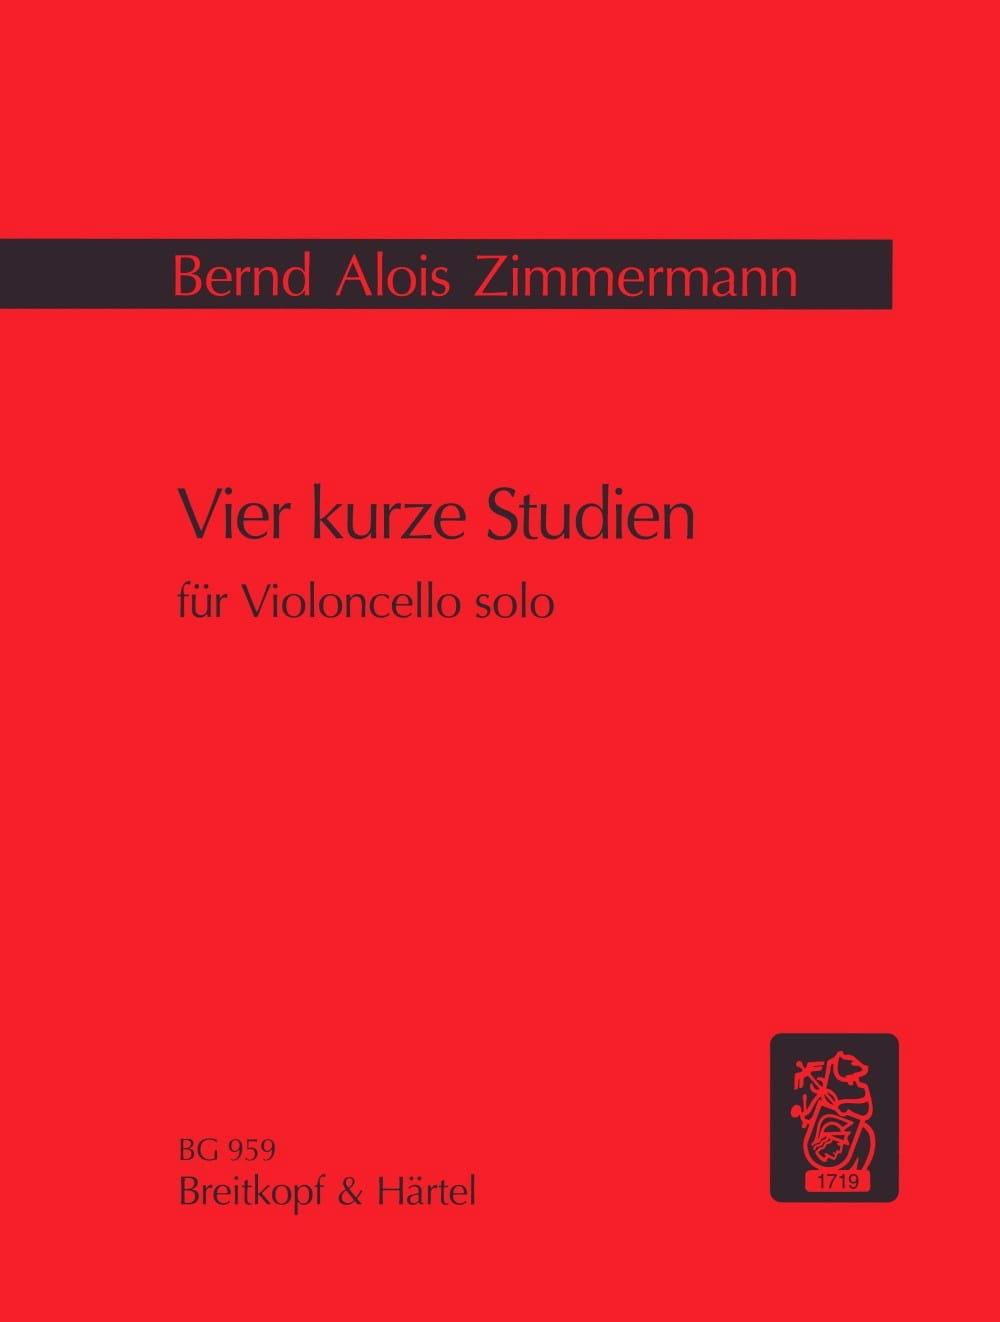 Vier kurze Studien - Bernd Alois Zimmermann - laflutedepan.com